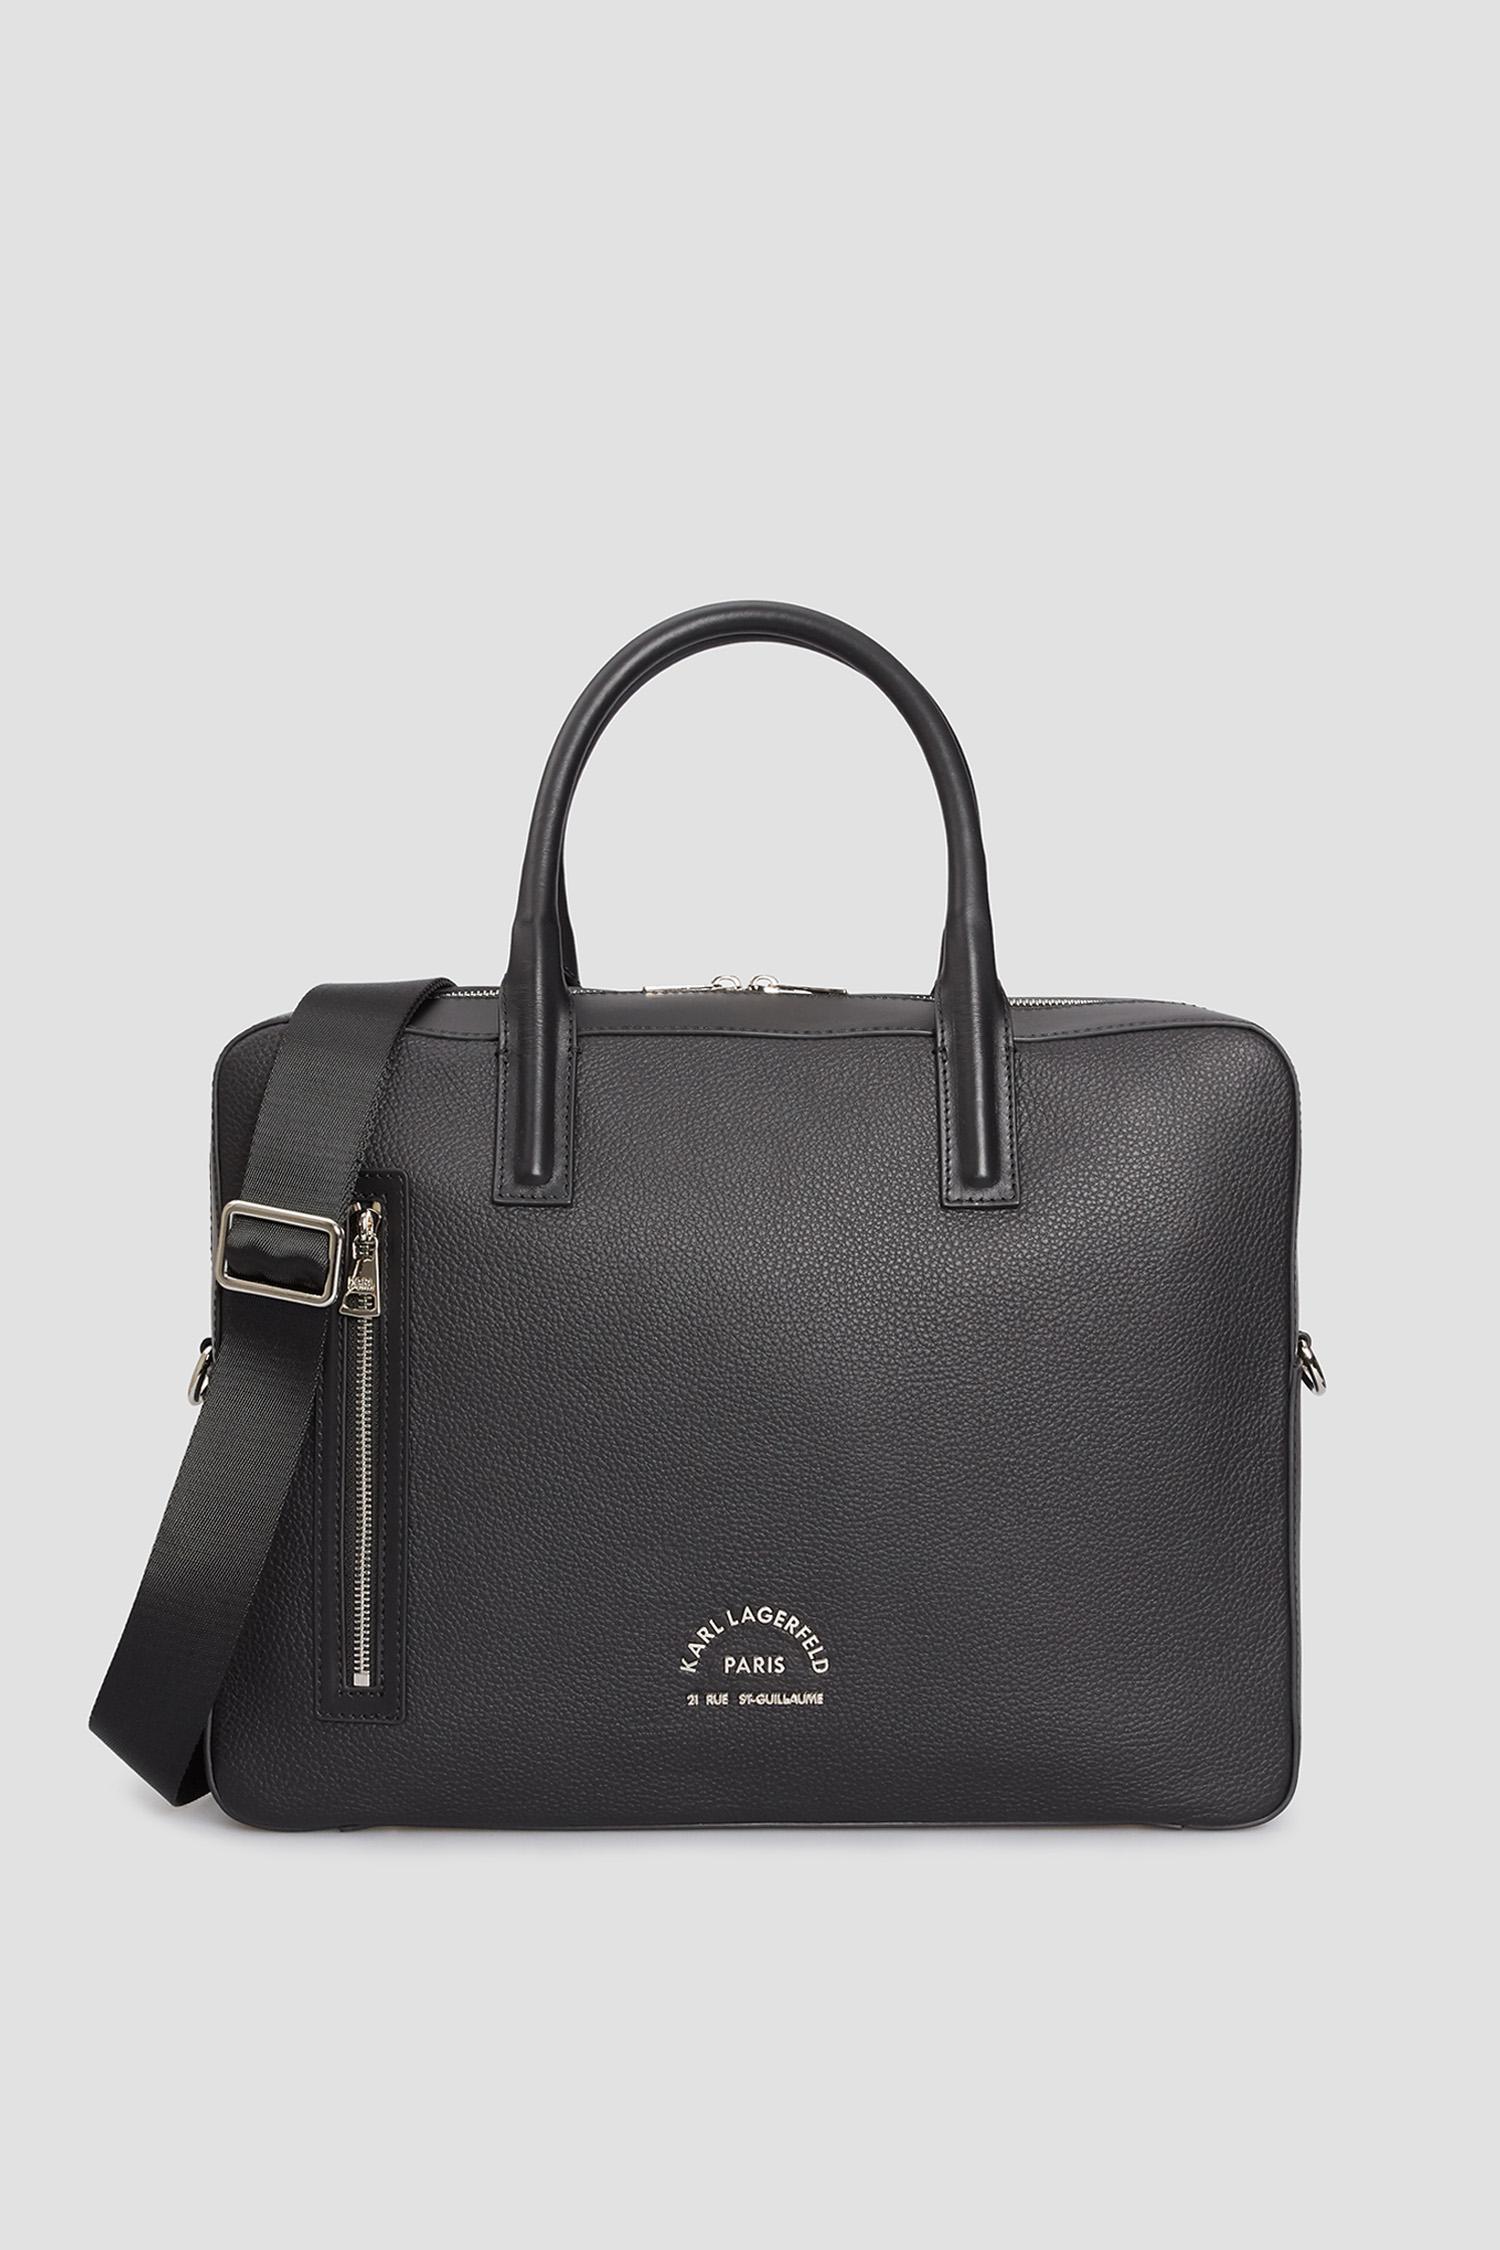 Чоловіча чорна шкіряна сумка для ноутбука Karl Lagerfeld 511451.815902;990